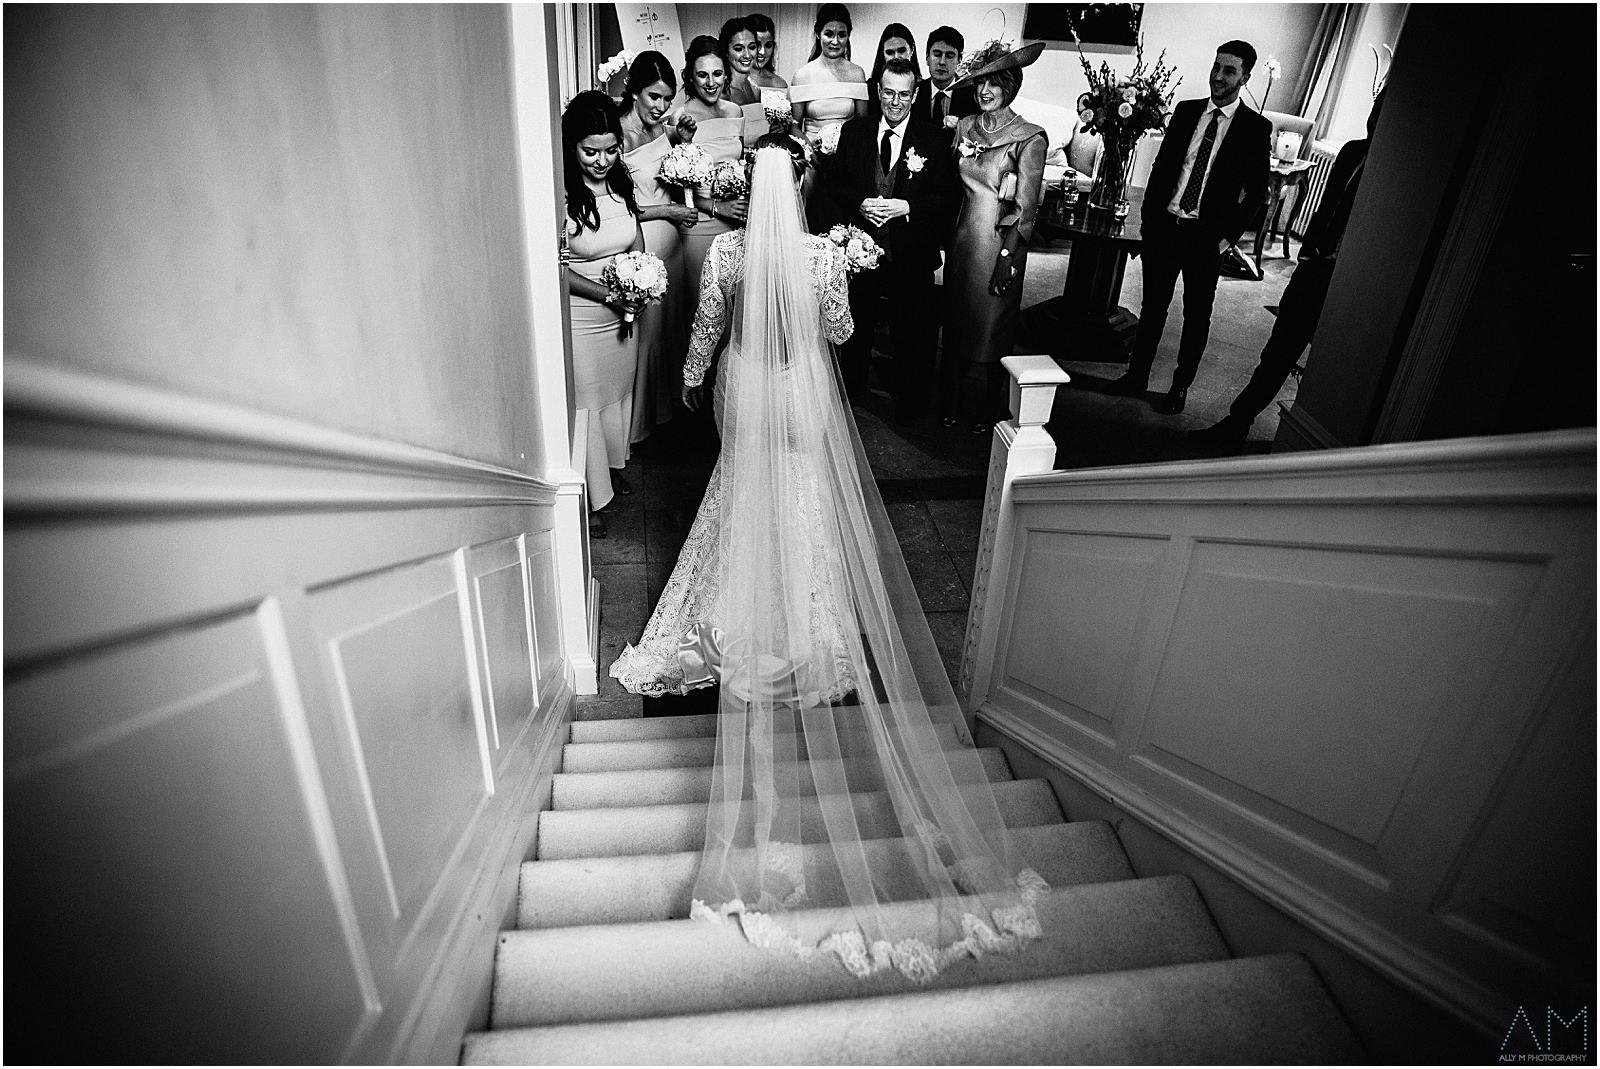 Dress at Delamere manor